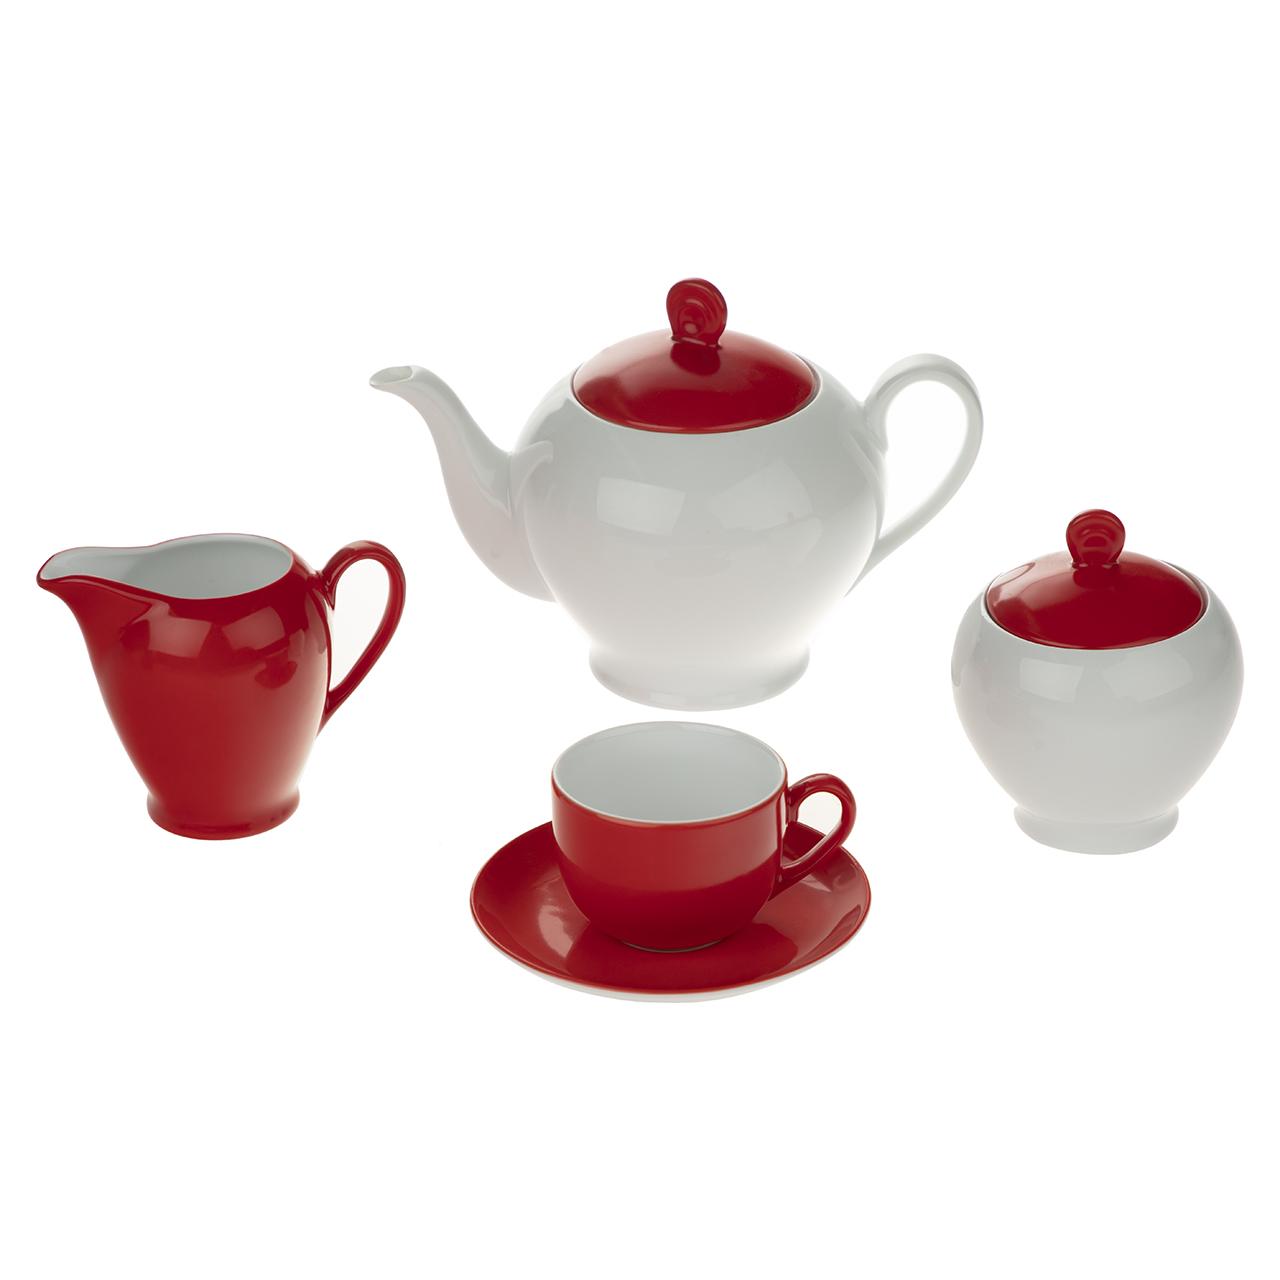 عکس سرویس چای خوری 17 پارچه چینی زرین ایران سری ایتالیا اف مدل آیریس درجه عالی